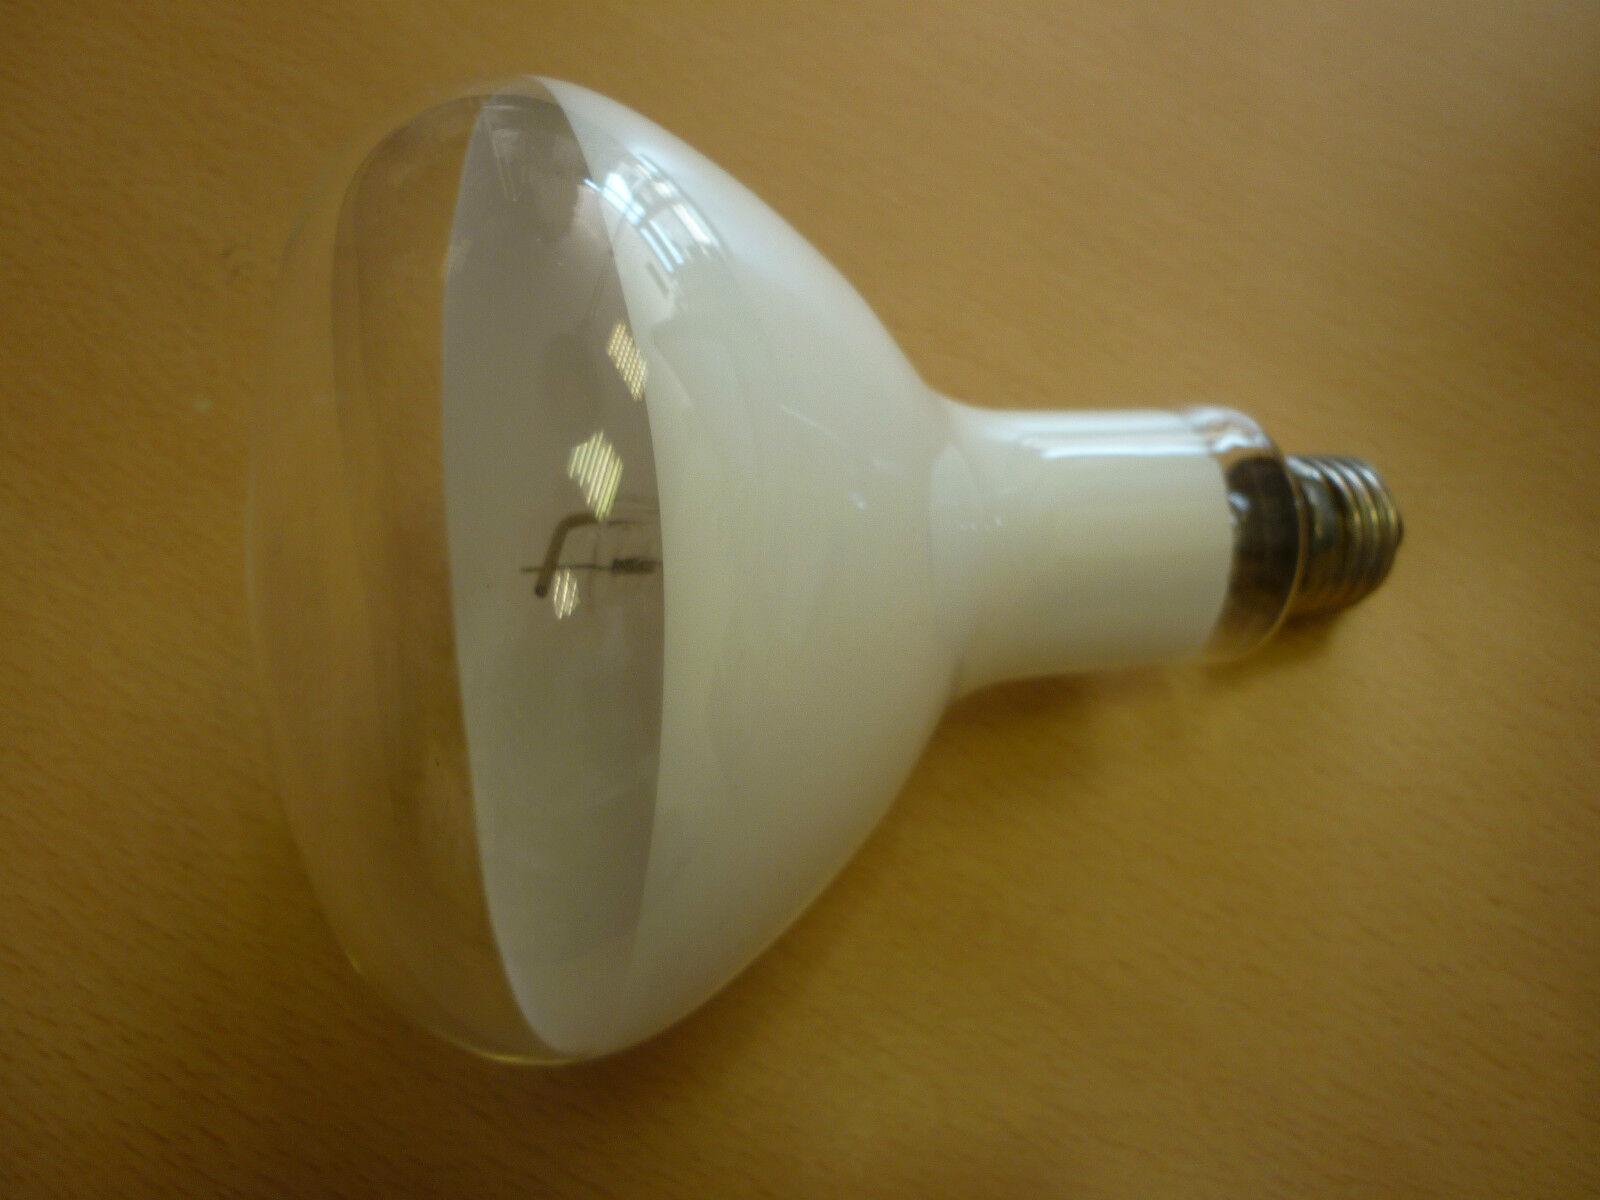 Philips HPL-r e27 125w 125w 125w clair décharge Lampe Croissance Lampe Flora set comme HQL-r 459b1b